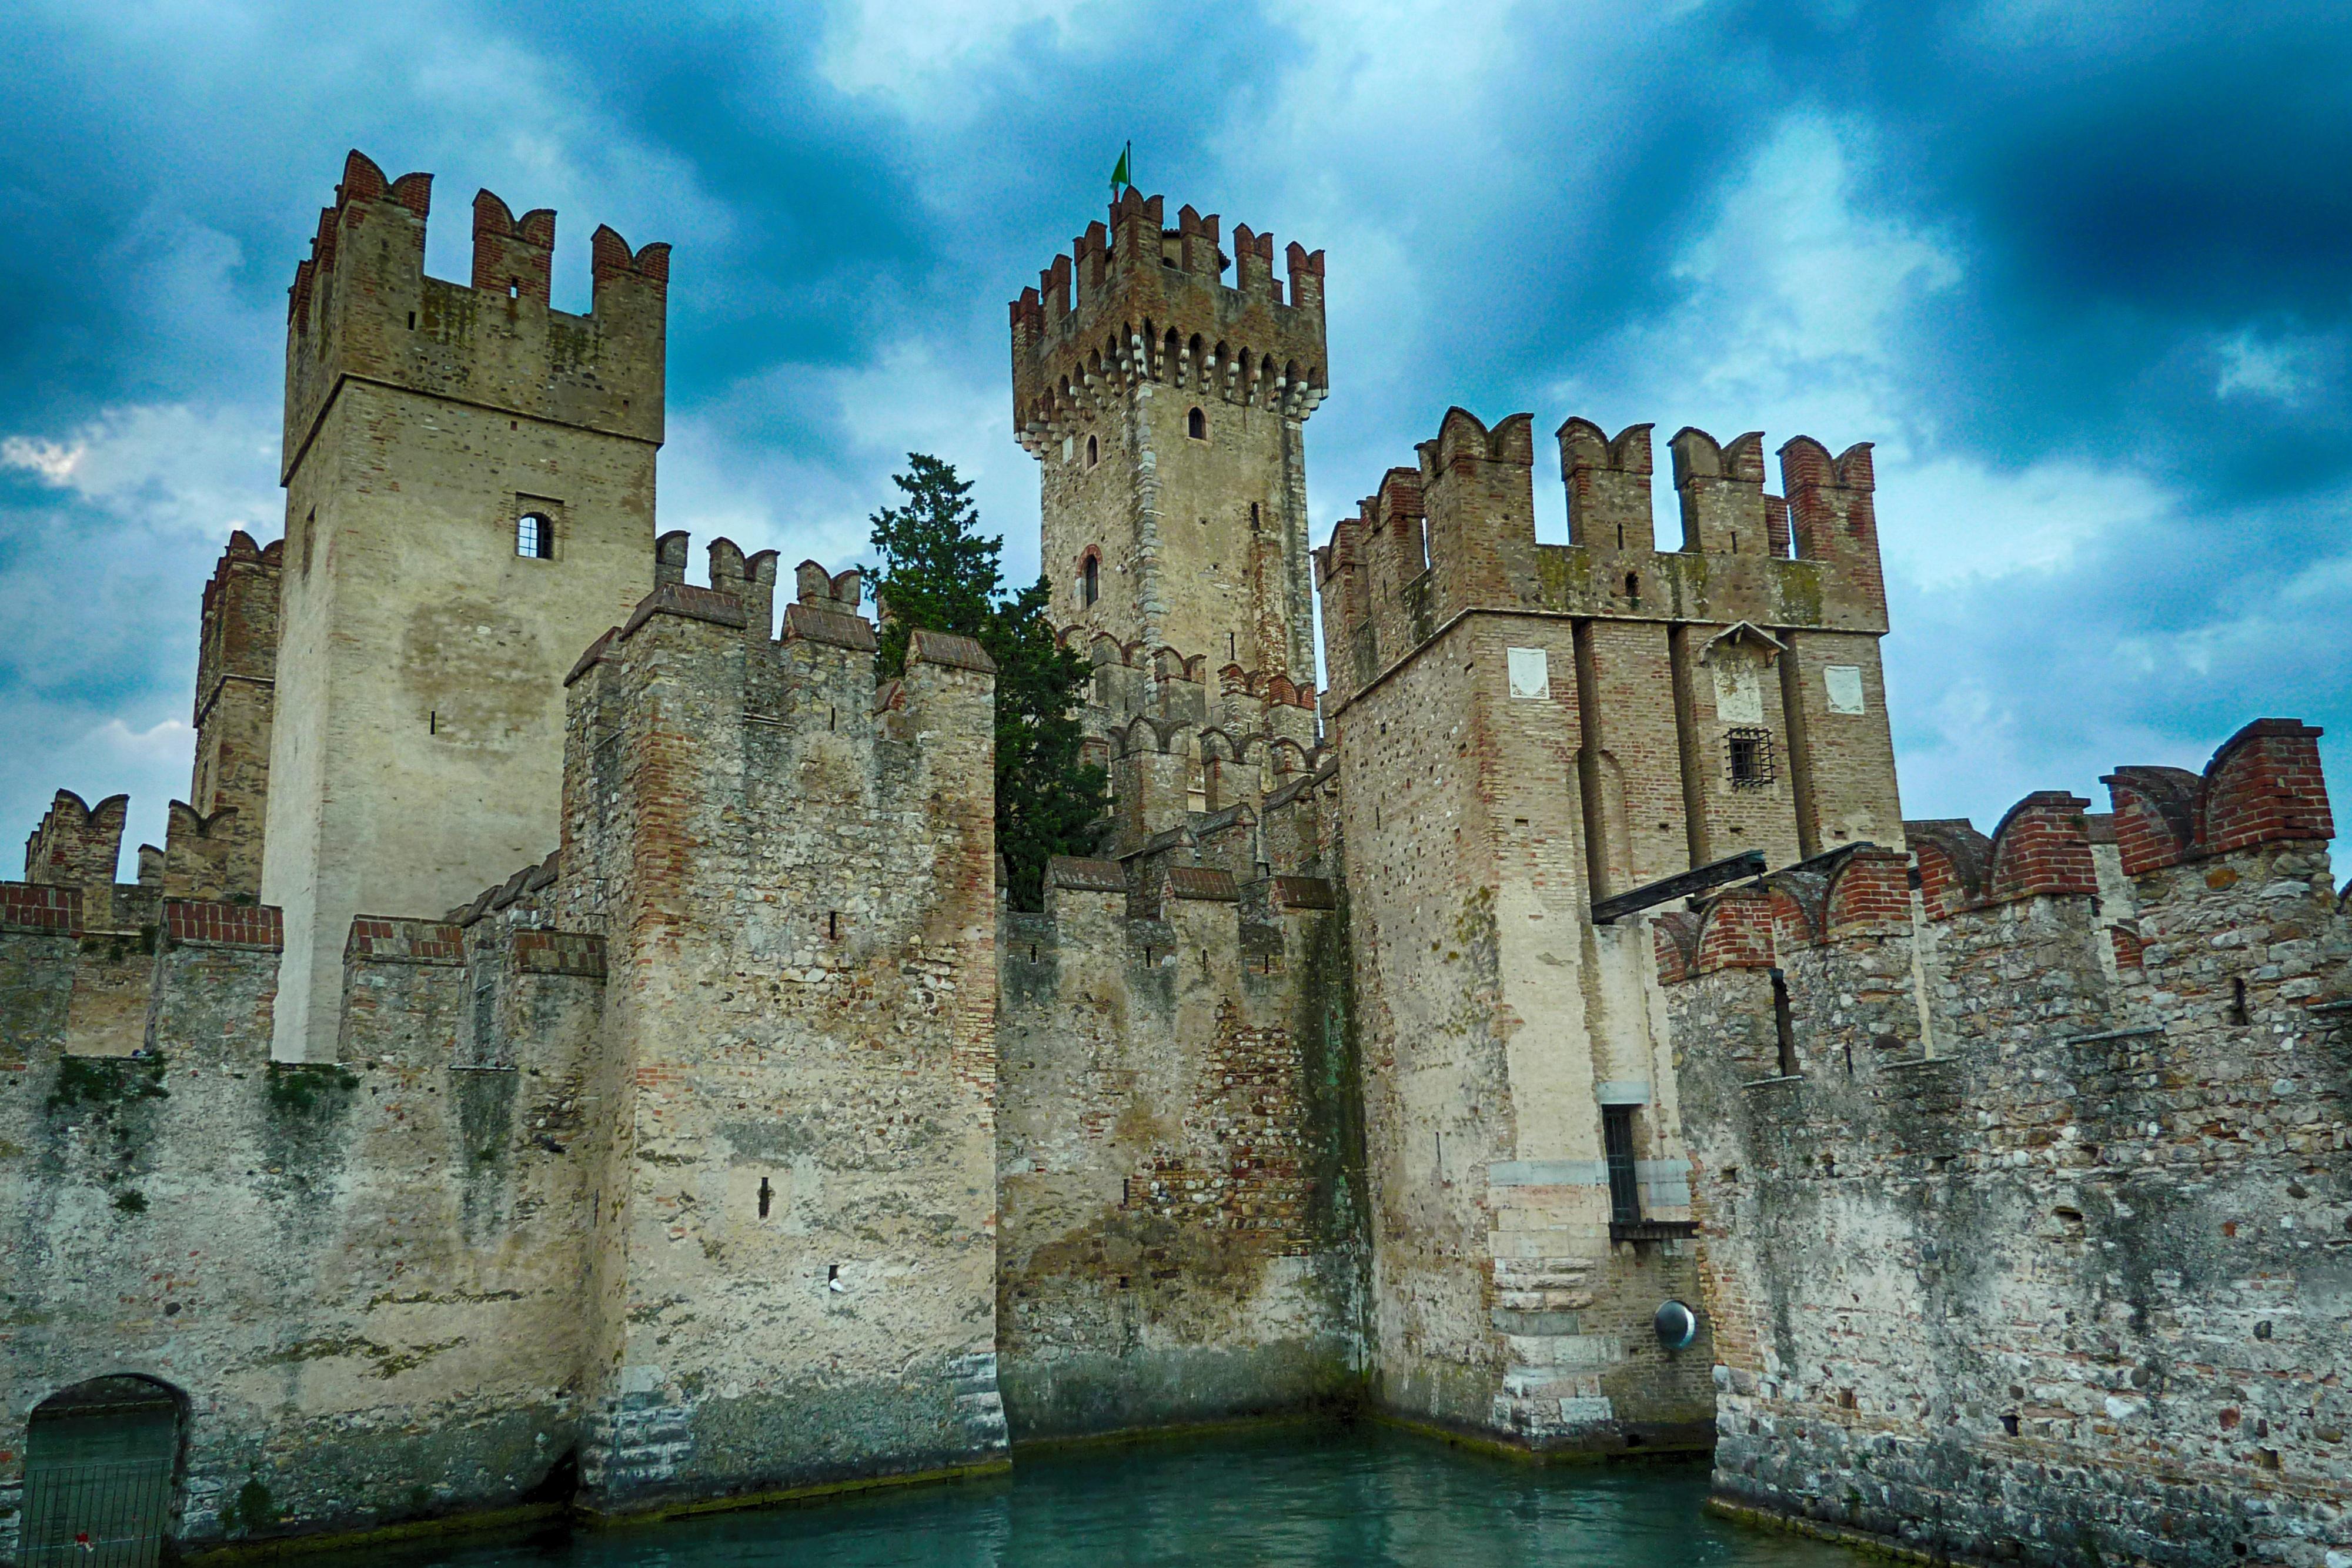 картинка рыцарского замка в средние века ждешь судьбы